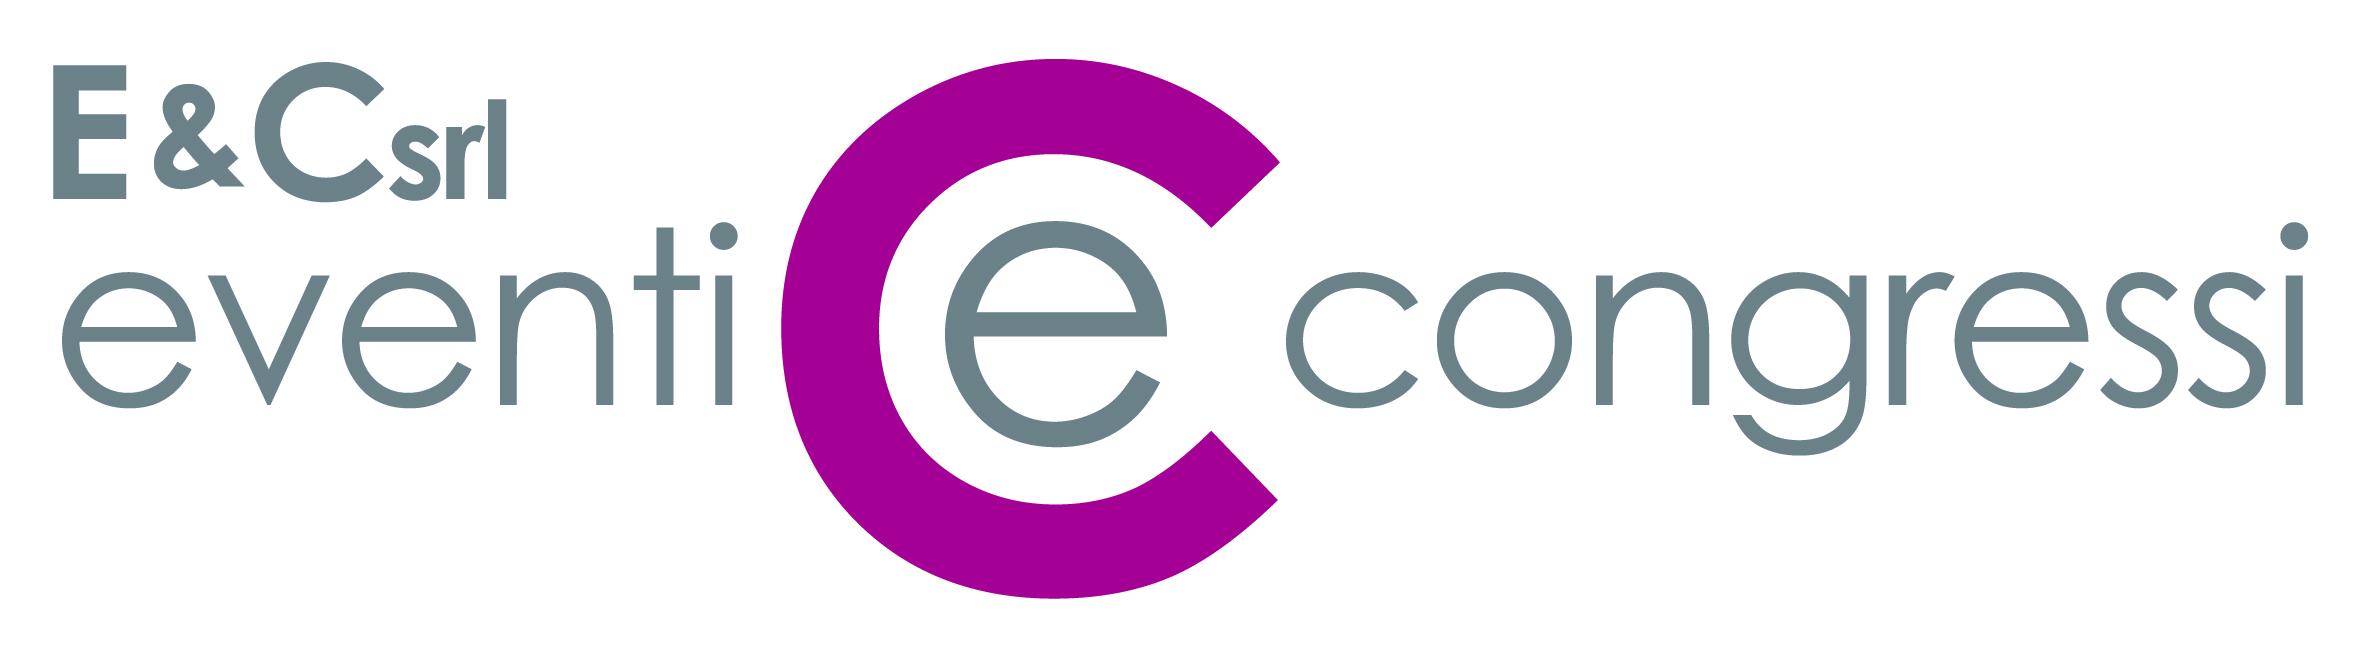 E & C srl